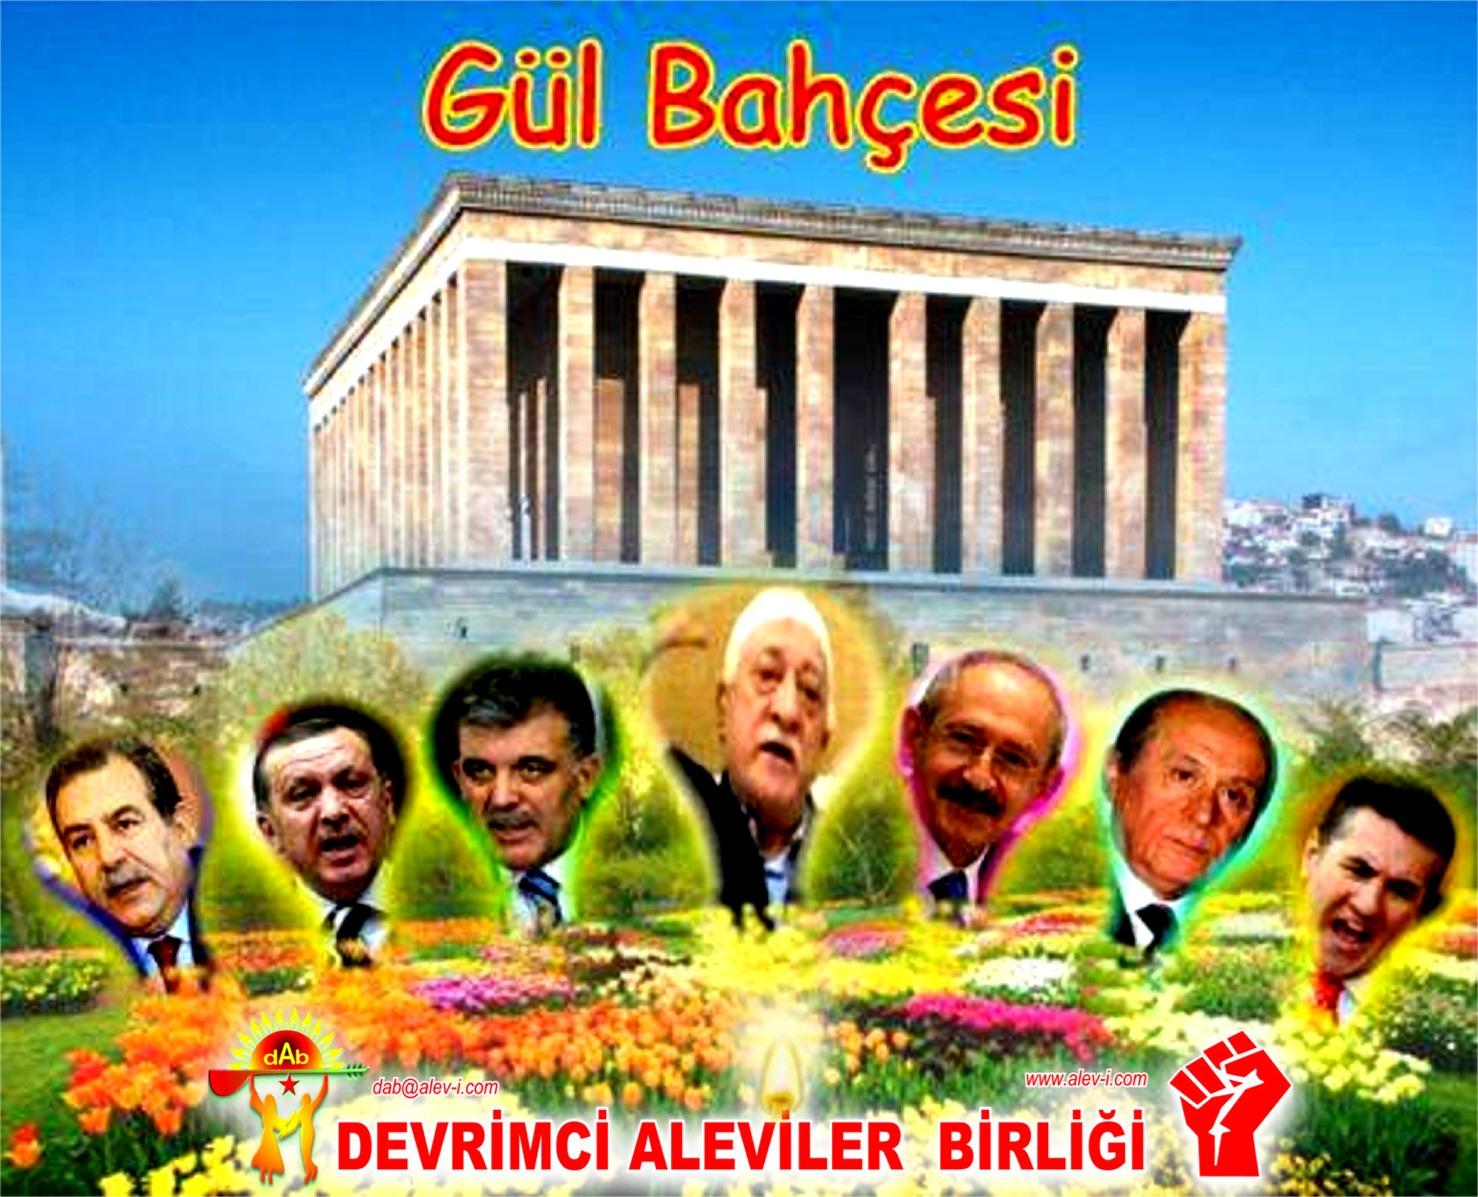 Alevi Bektaşi Kızılbaş Pir Sultan Devrimci Aleviler Birliği DAB gul bahcesi